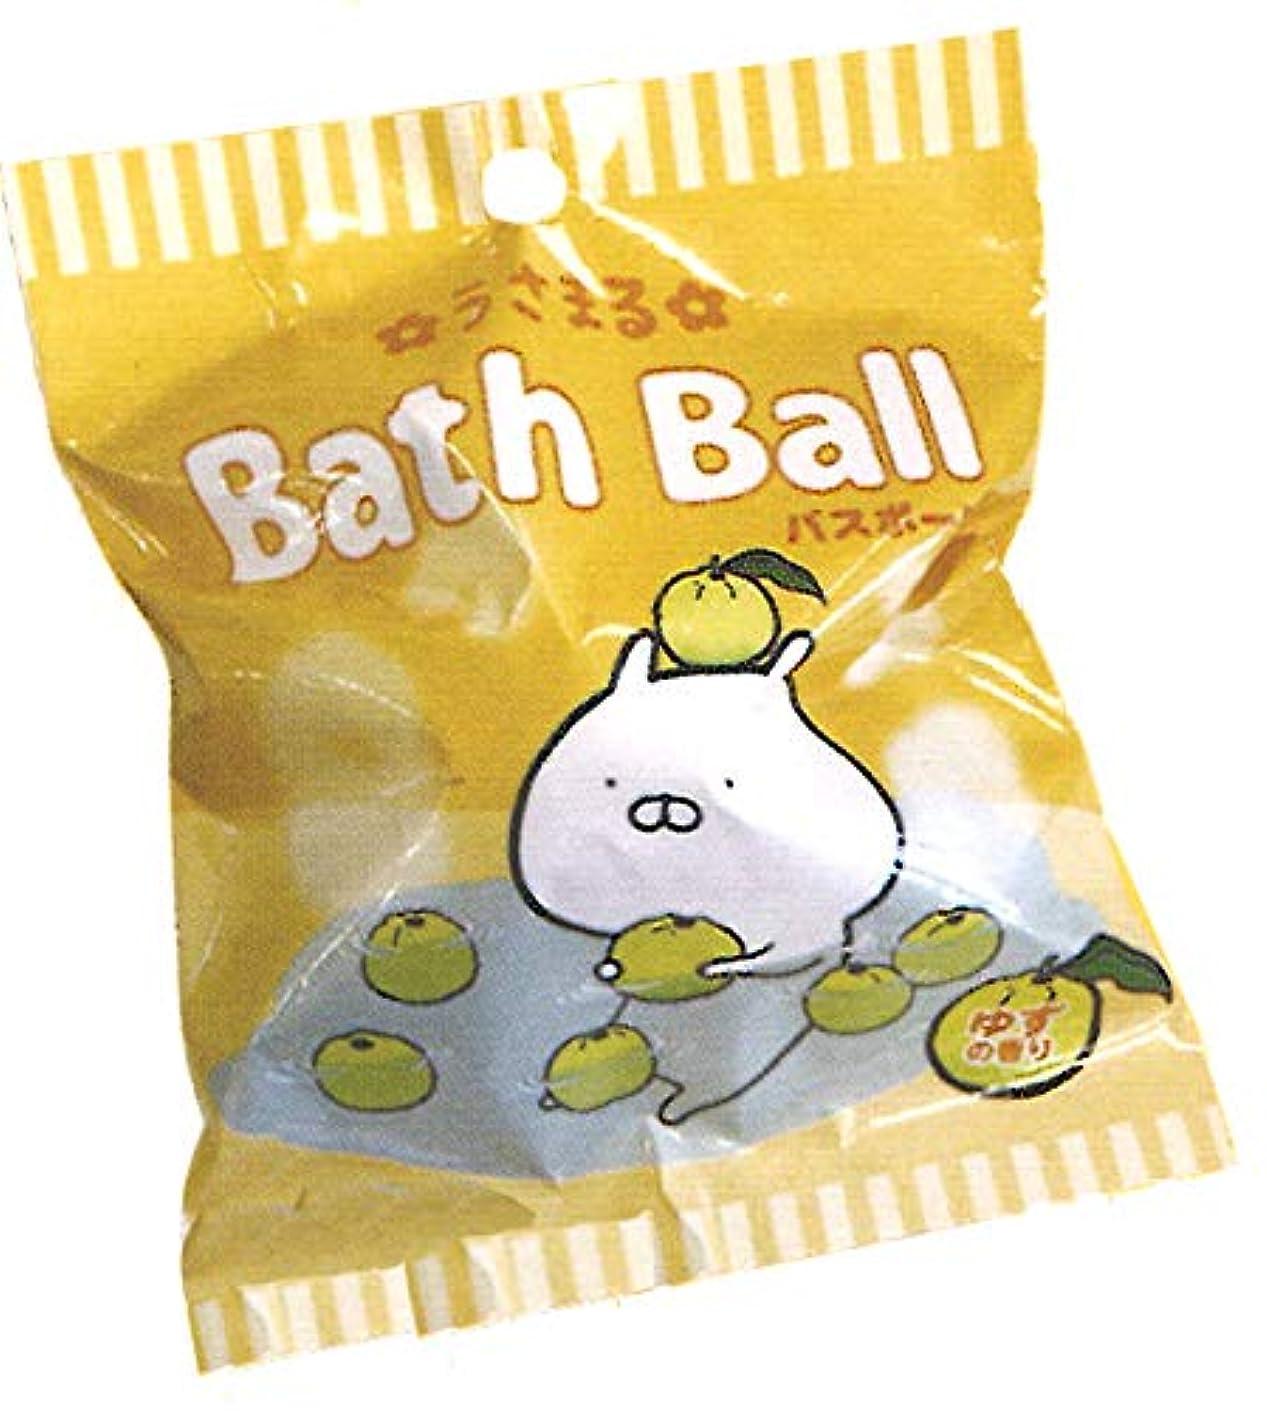 たとえ知的びんうさまる 入浴剤 マスコットが飛び出るバスボール【1個】